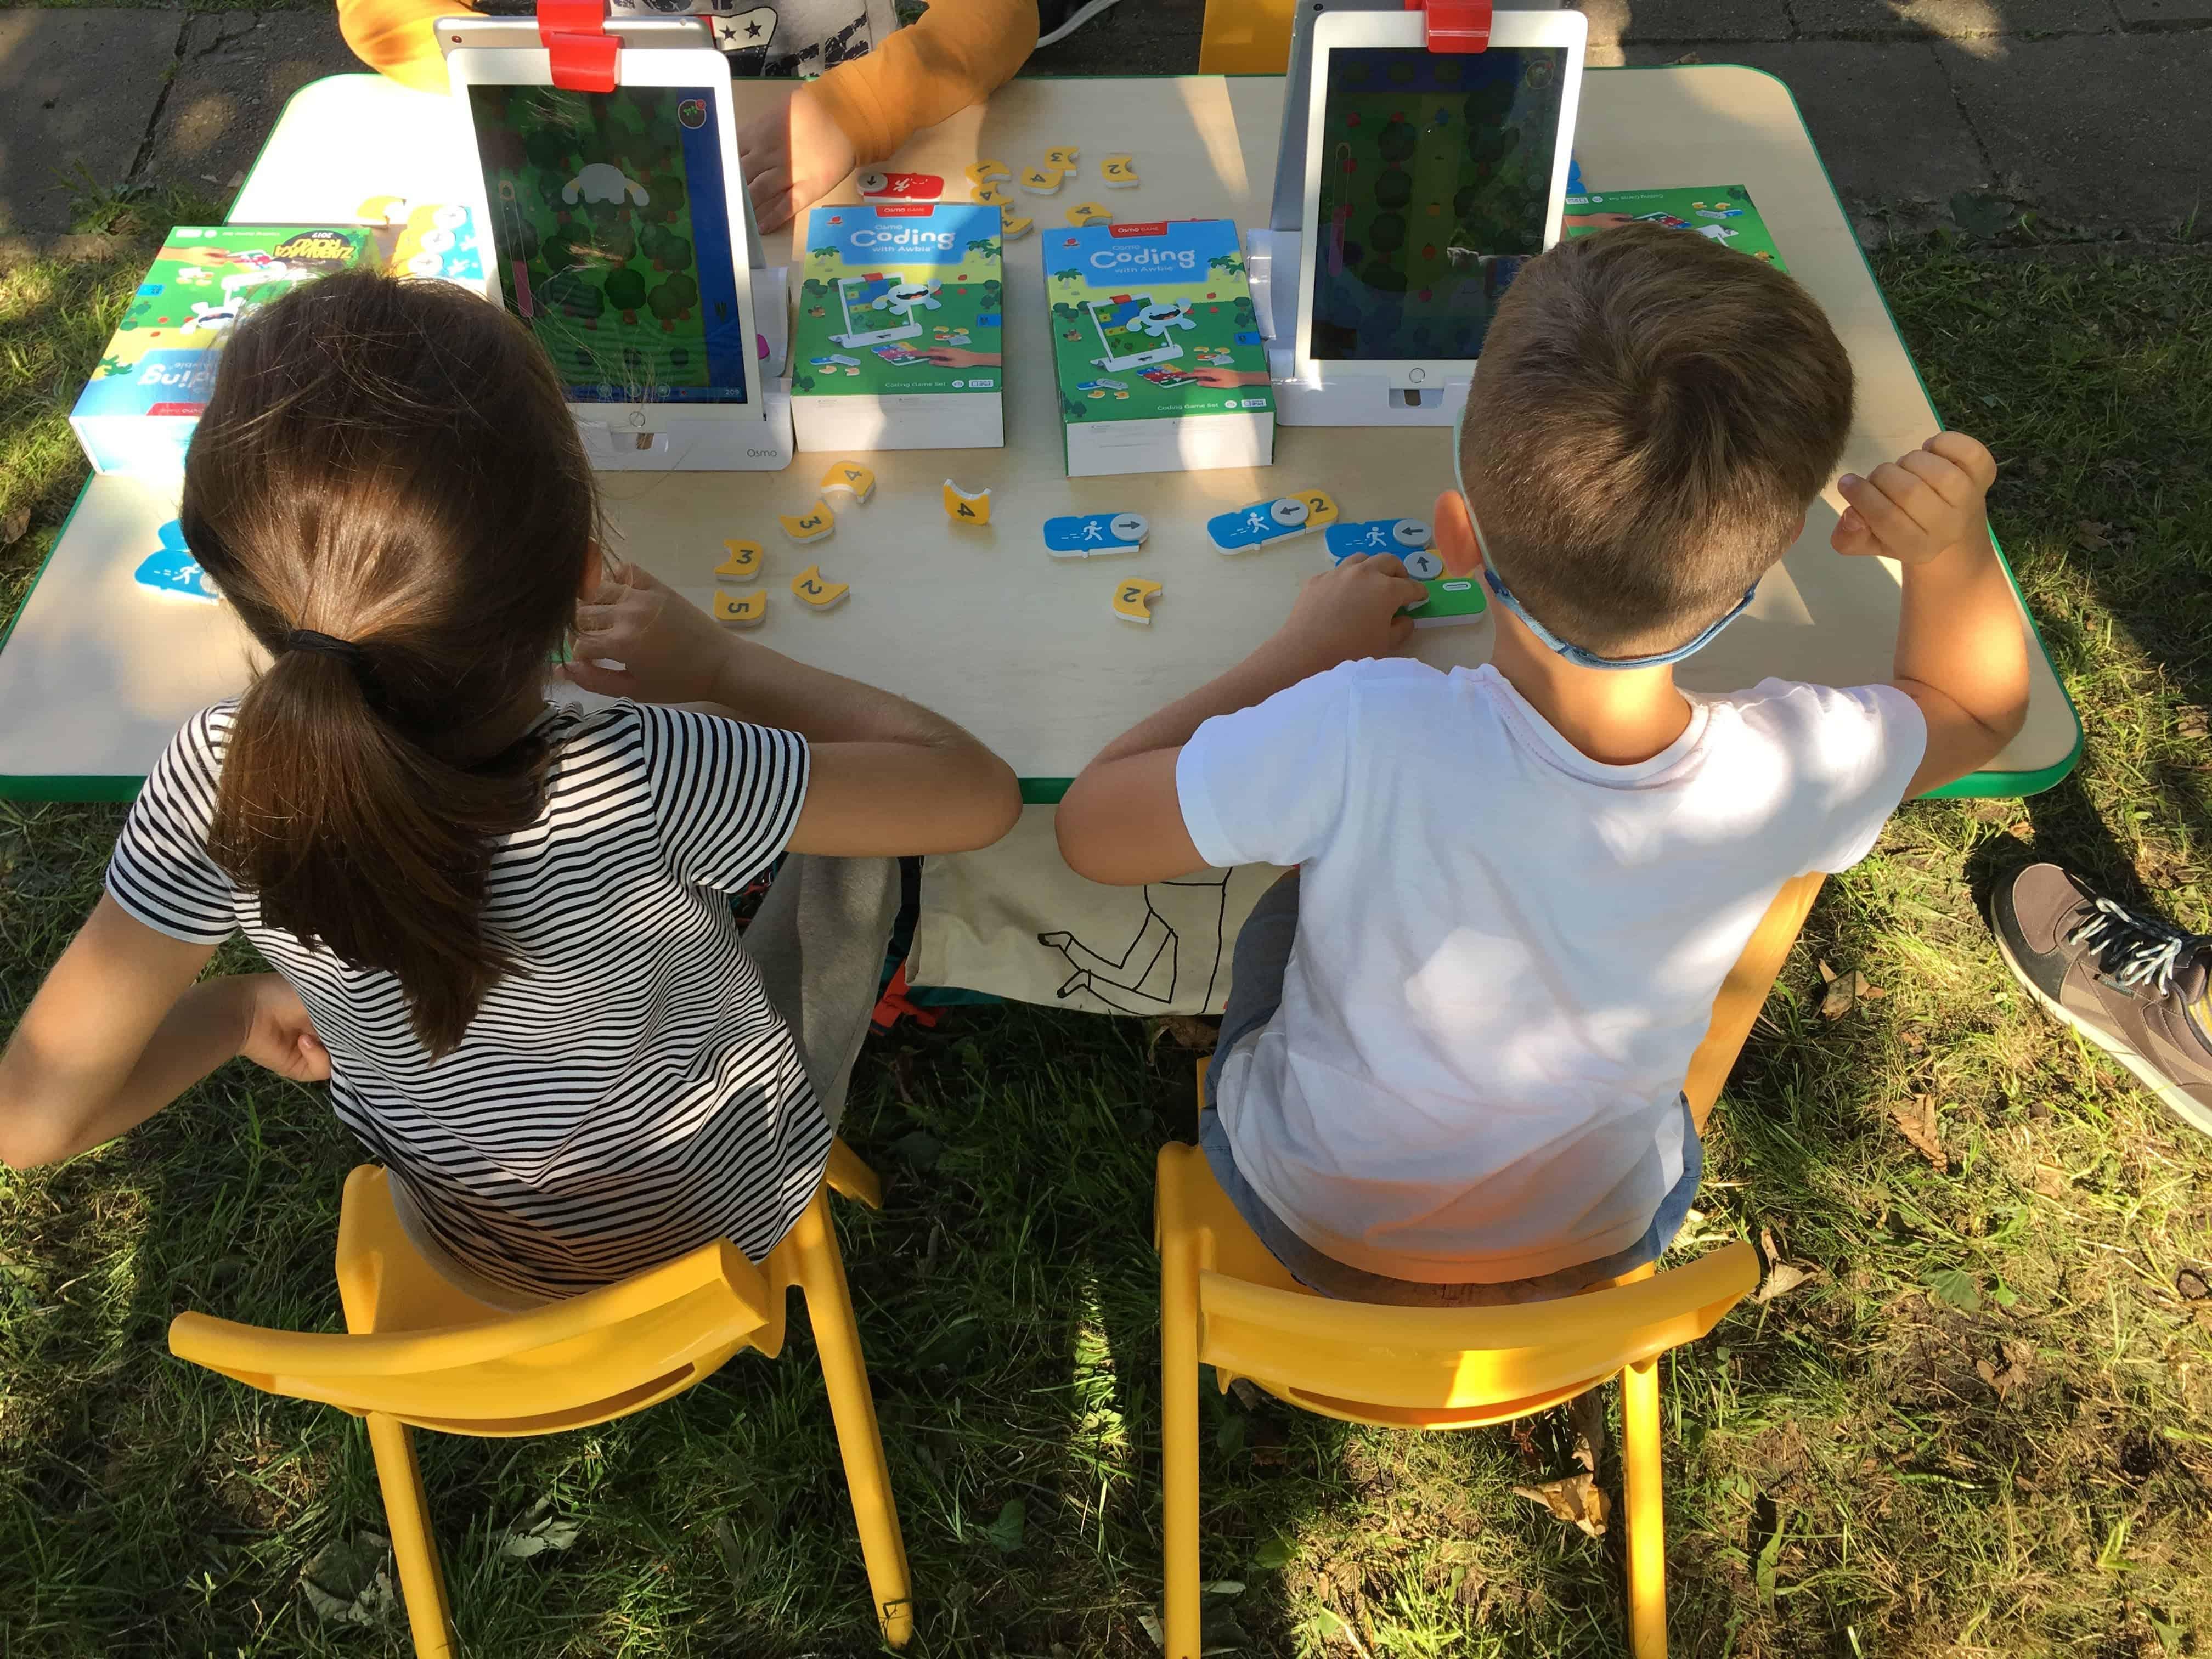 Flob a dob - darmowe zajęcia programowania dla dzieci podczas Pożegnania lata na Bielanach.